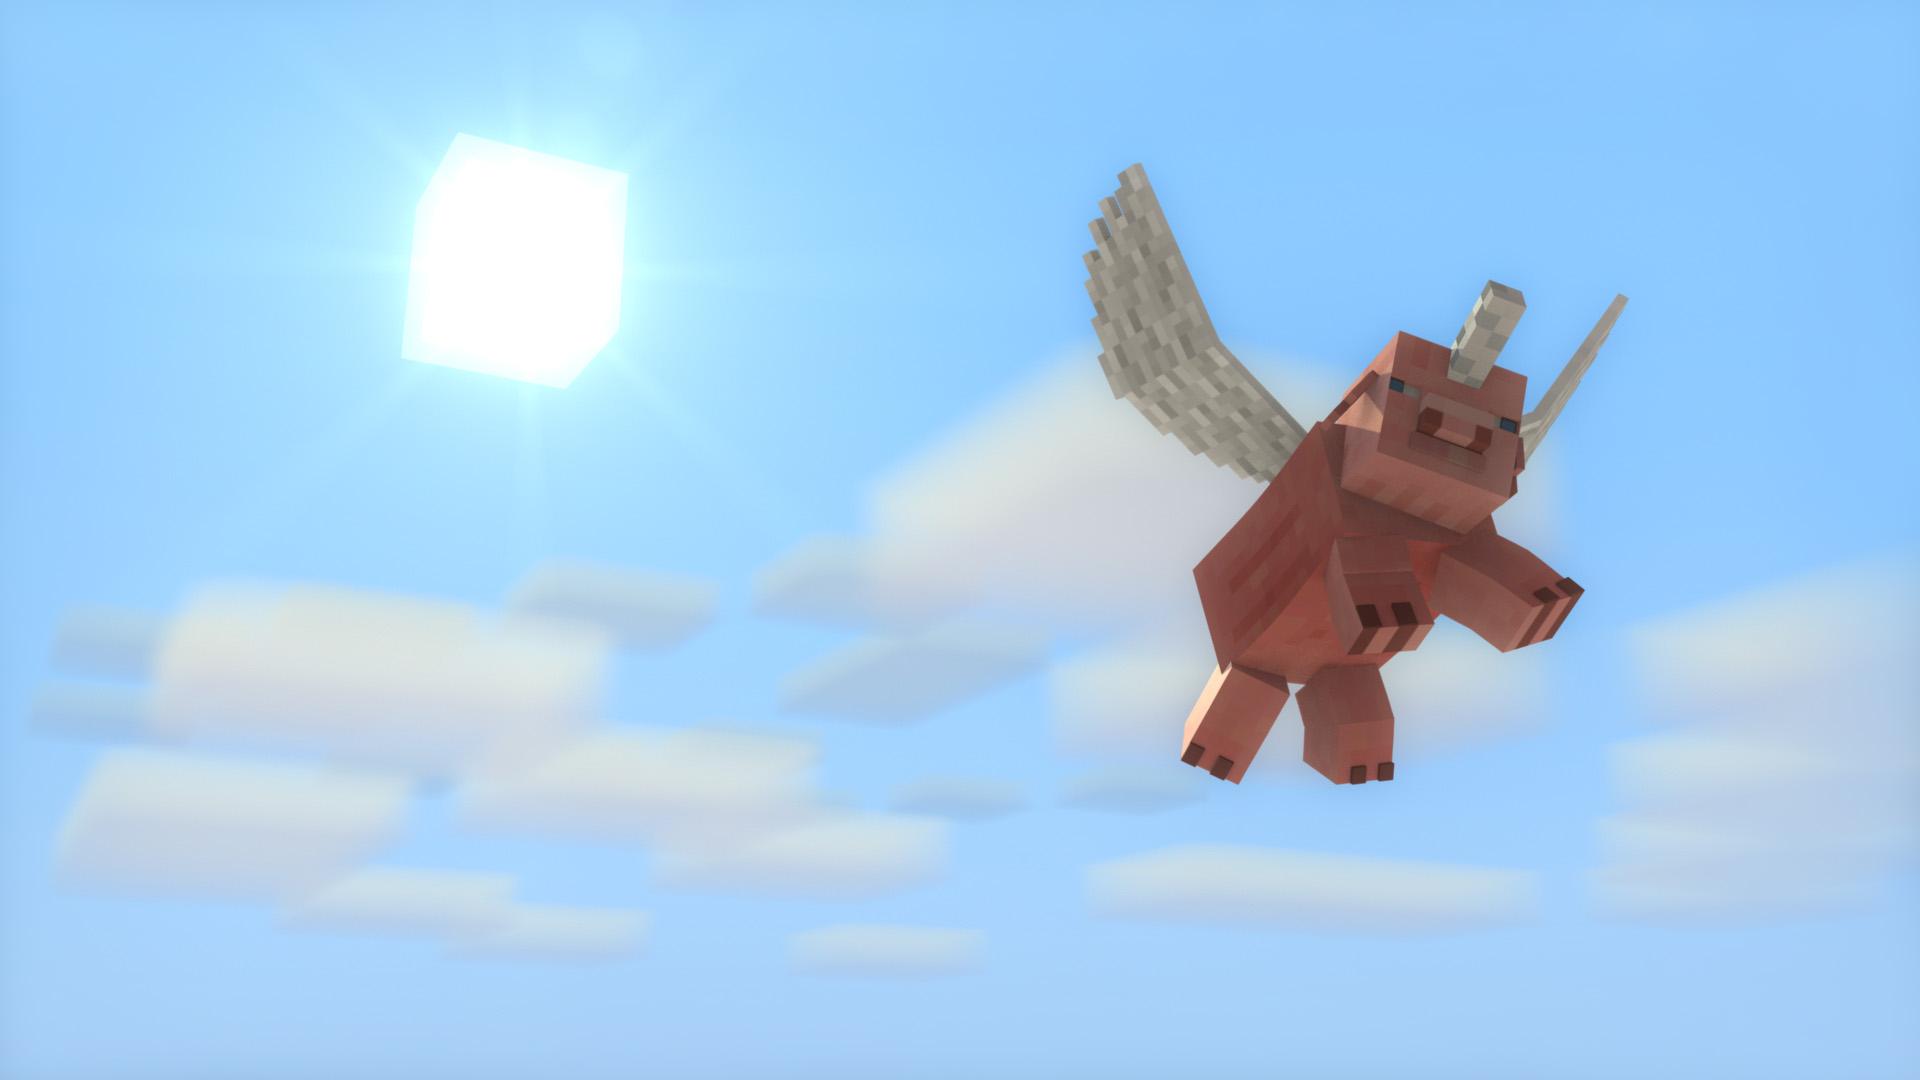 Hình nền lợn Minecraft